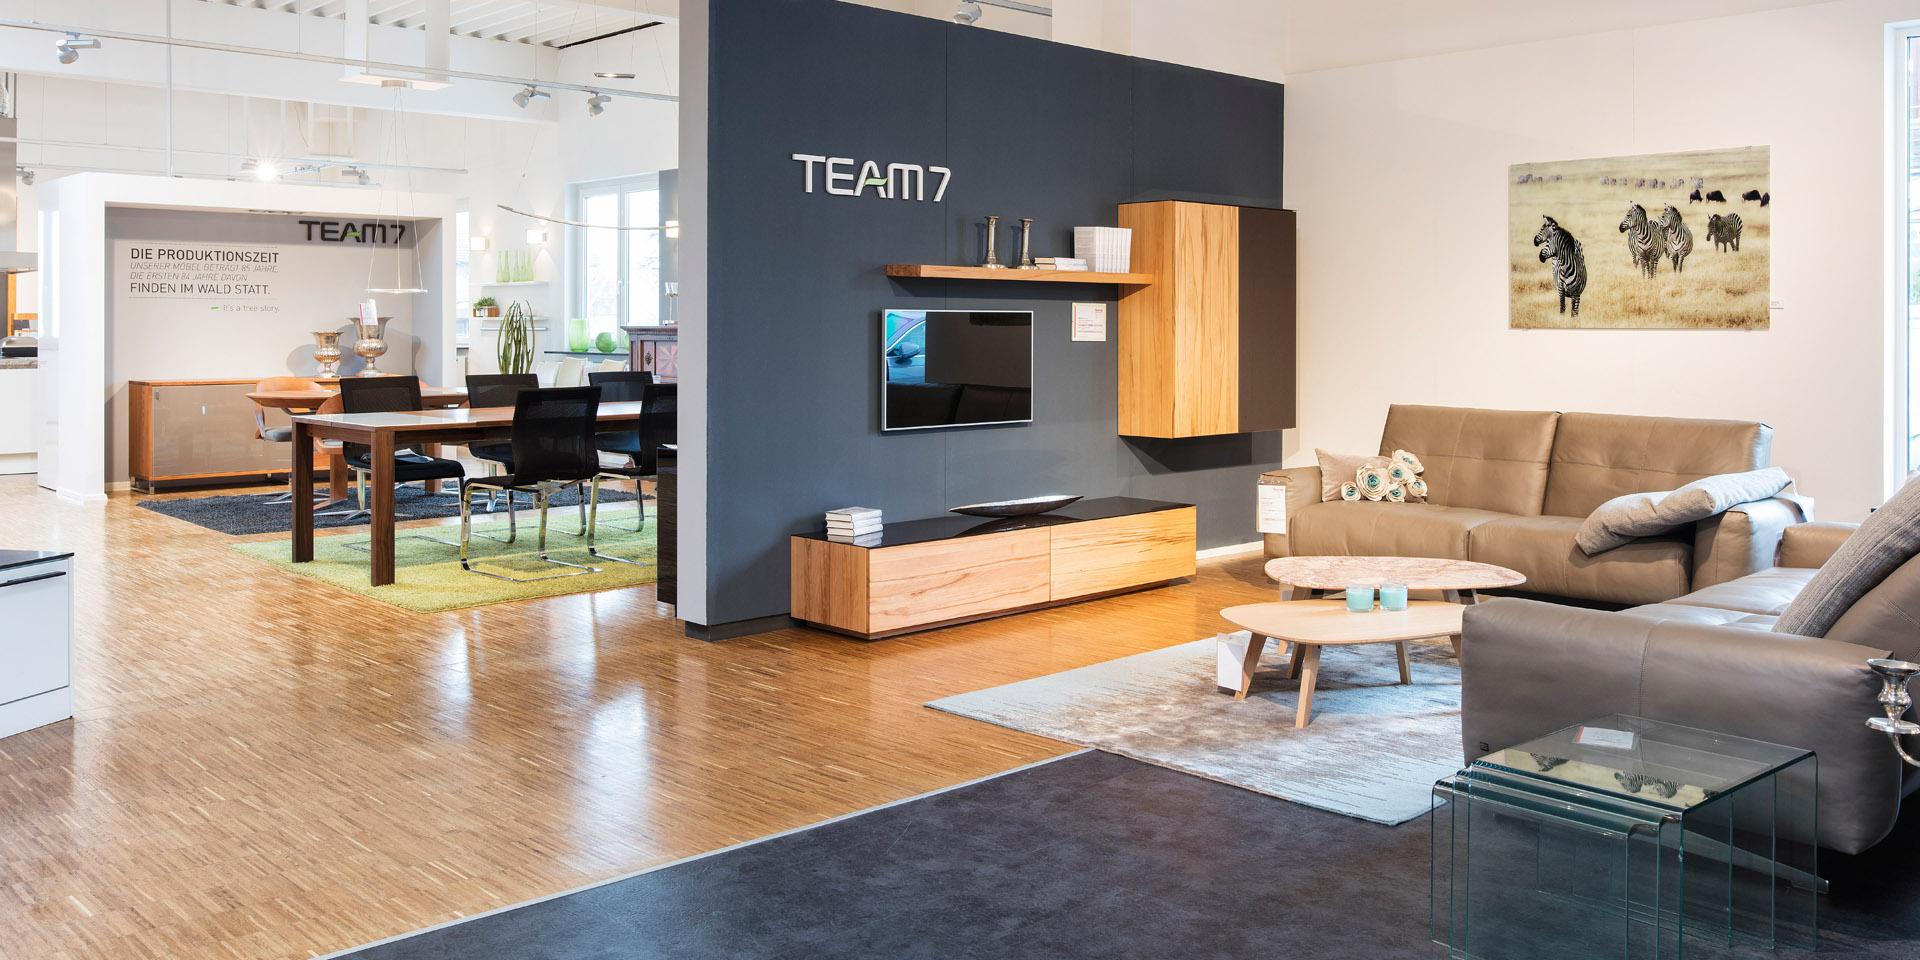 wohnen wohnzimmer polsterm bel sofas sessel wandschrank regale fenchel wohnfaszination gmbh. Black Bedroom Furniture Sets. Home Design Ideas